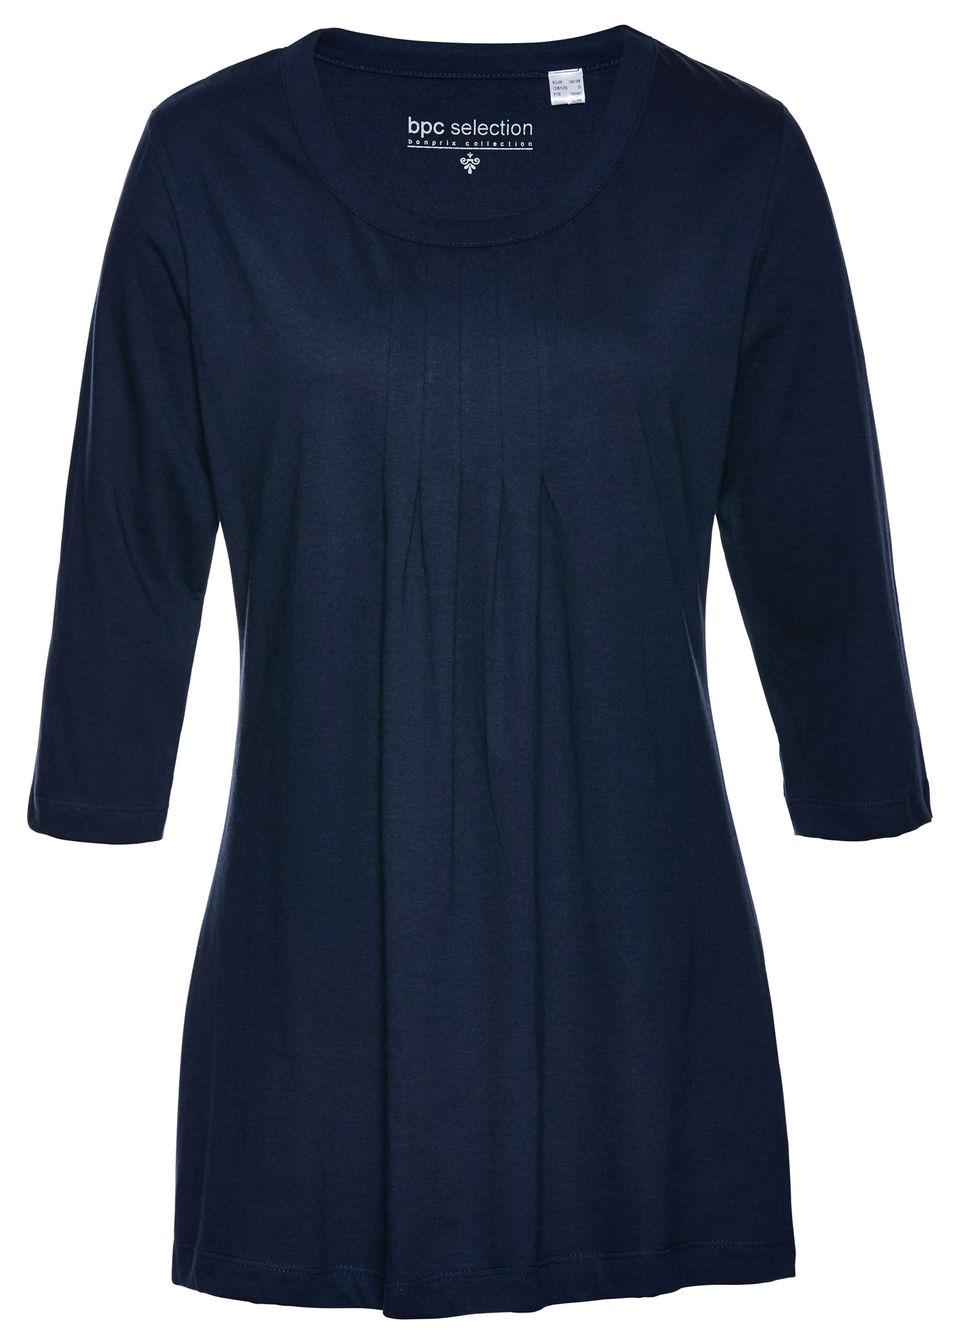 Bluză lungă, mâneci 3/4 bonprix